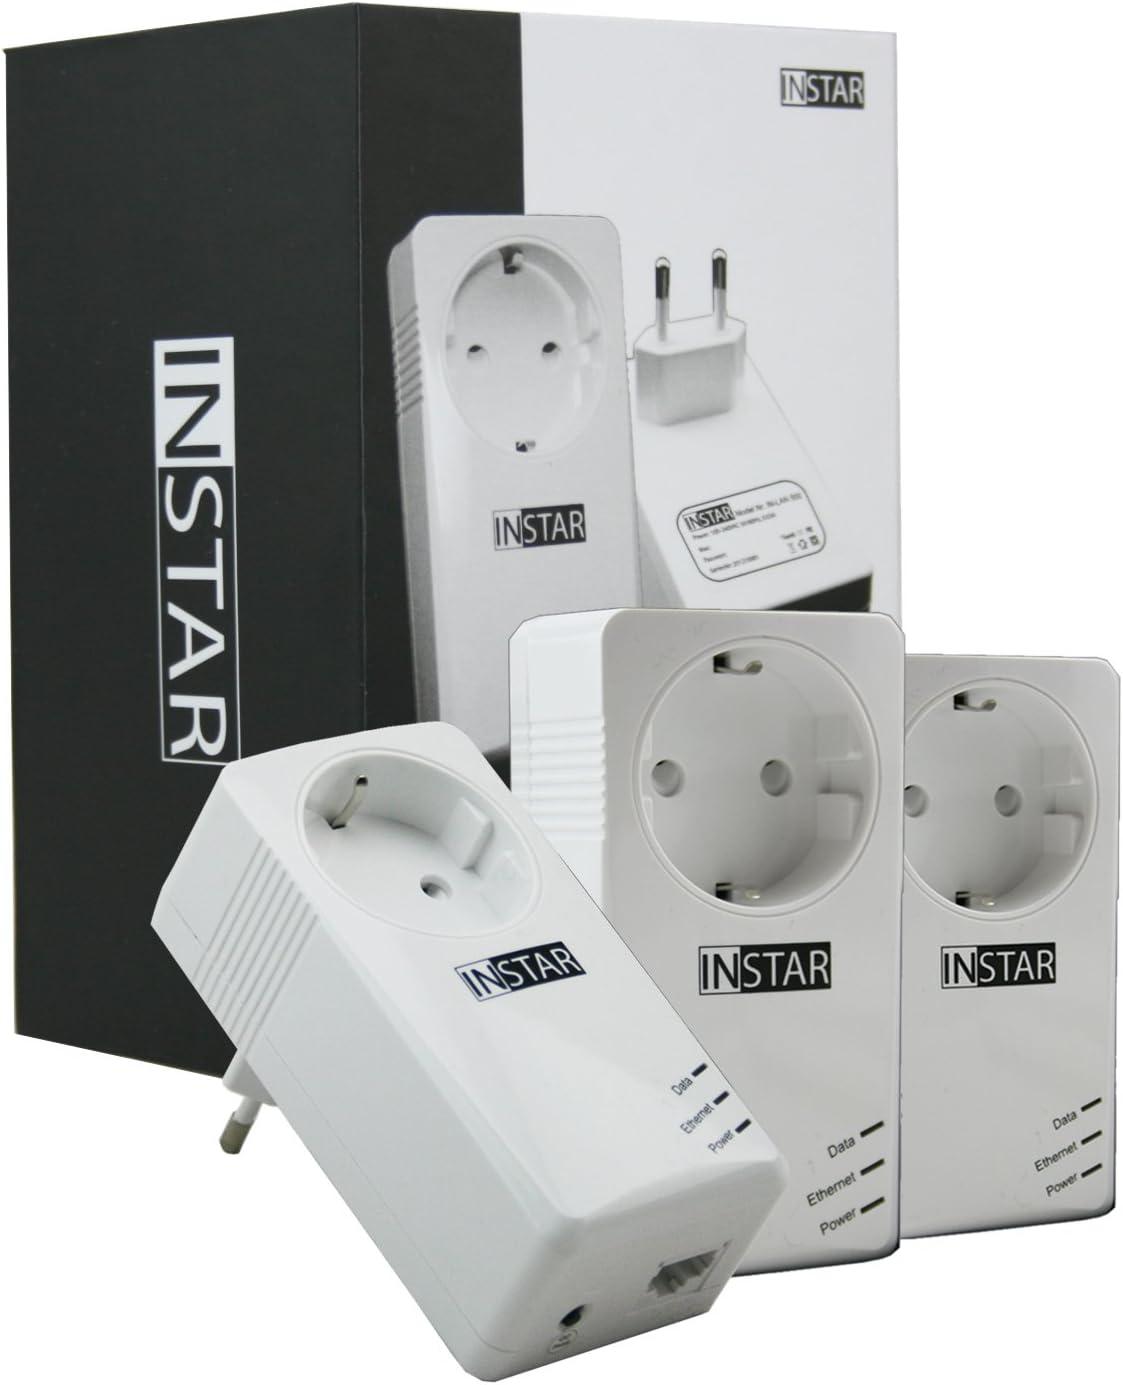 2er Set//Netzwerk /über die Steckdose//Stromleitung//HomePlug konform INSTAR IN-LAN 500 Weiss//Powerline Adapter//Starter Set